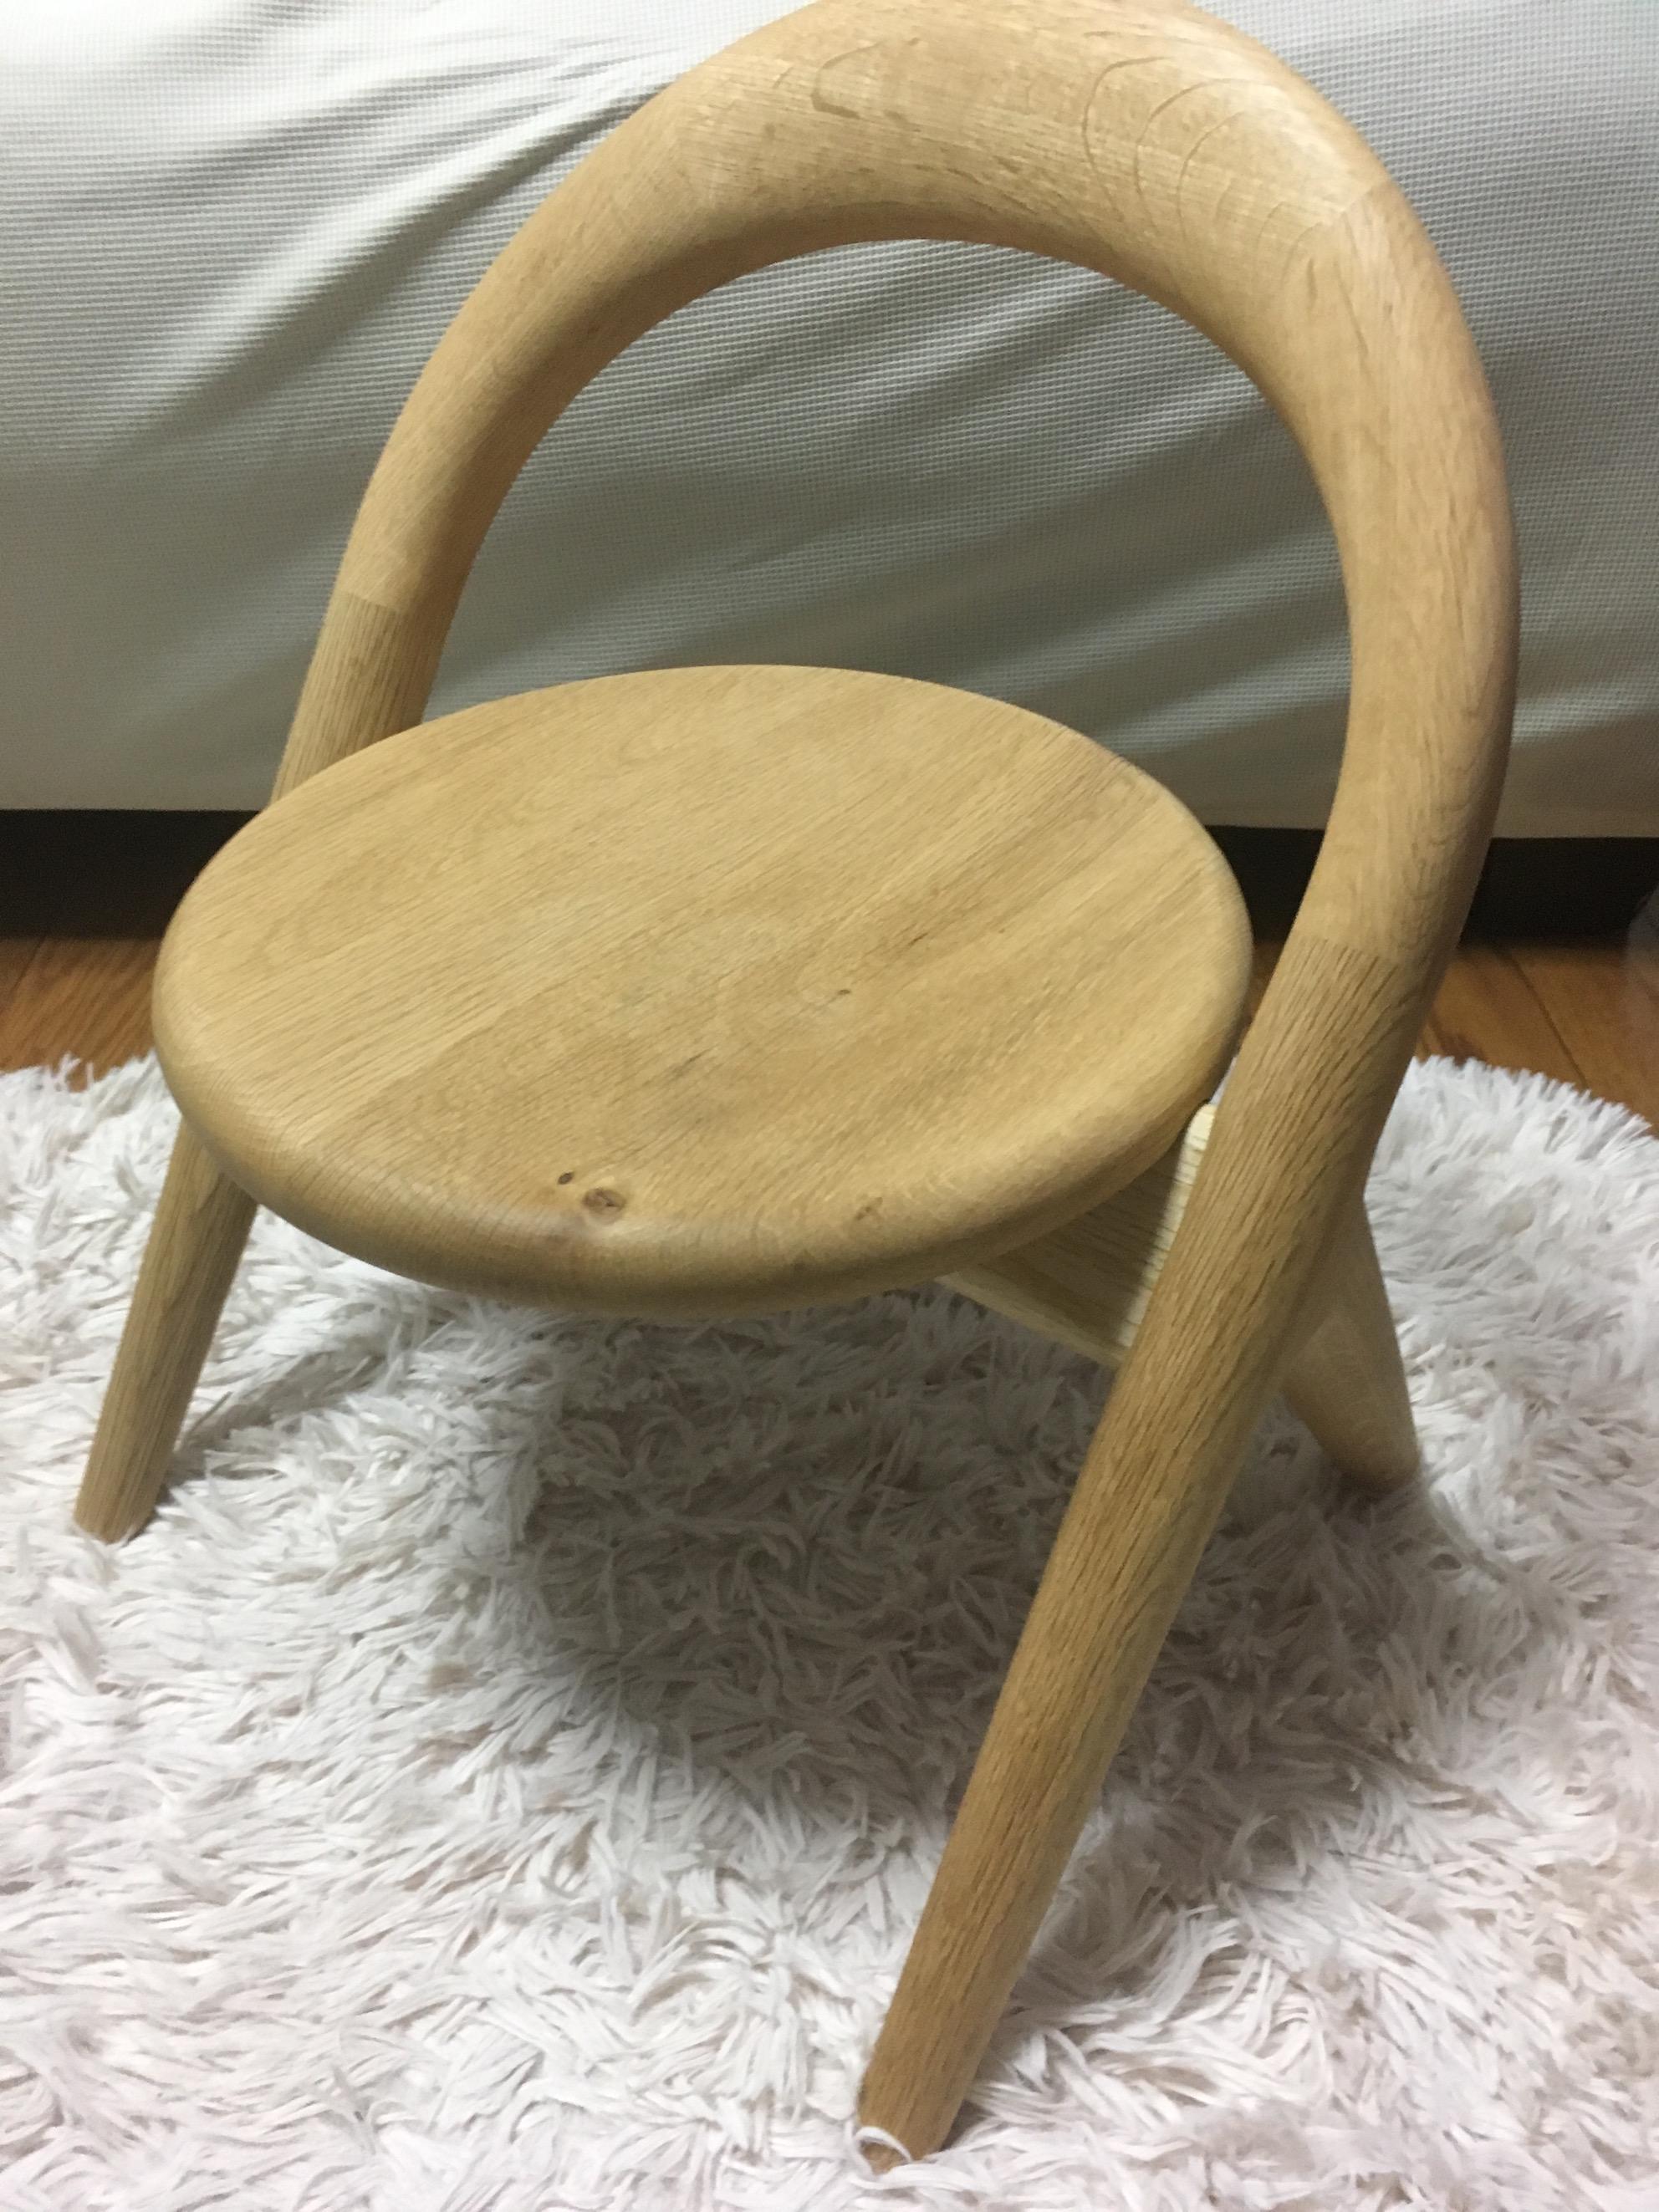 君の居場所はここにある(君の椅子プロジェクト)